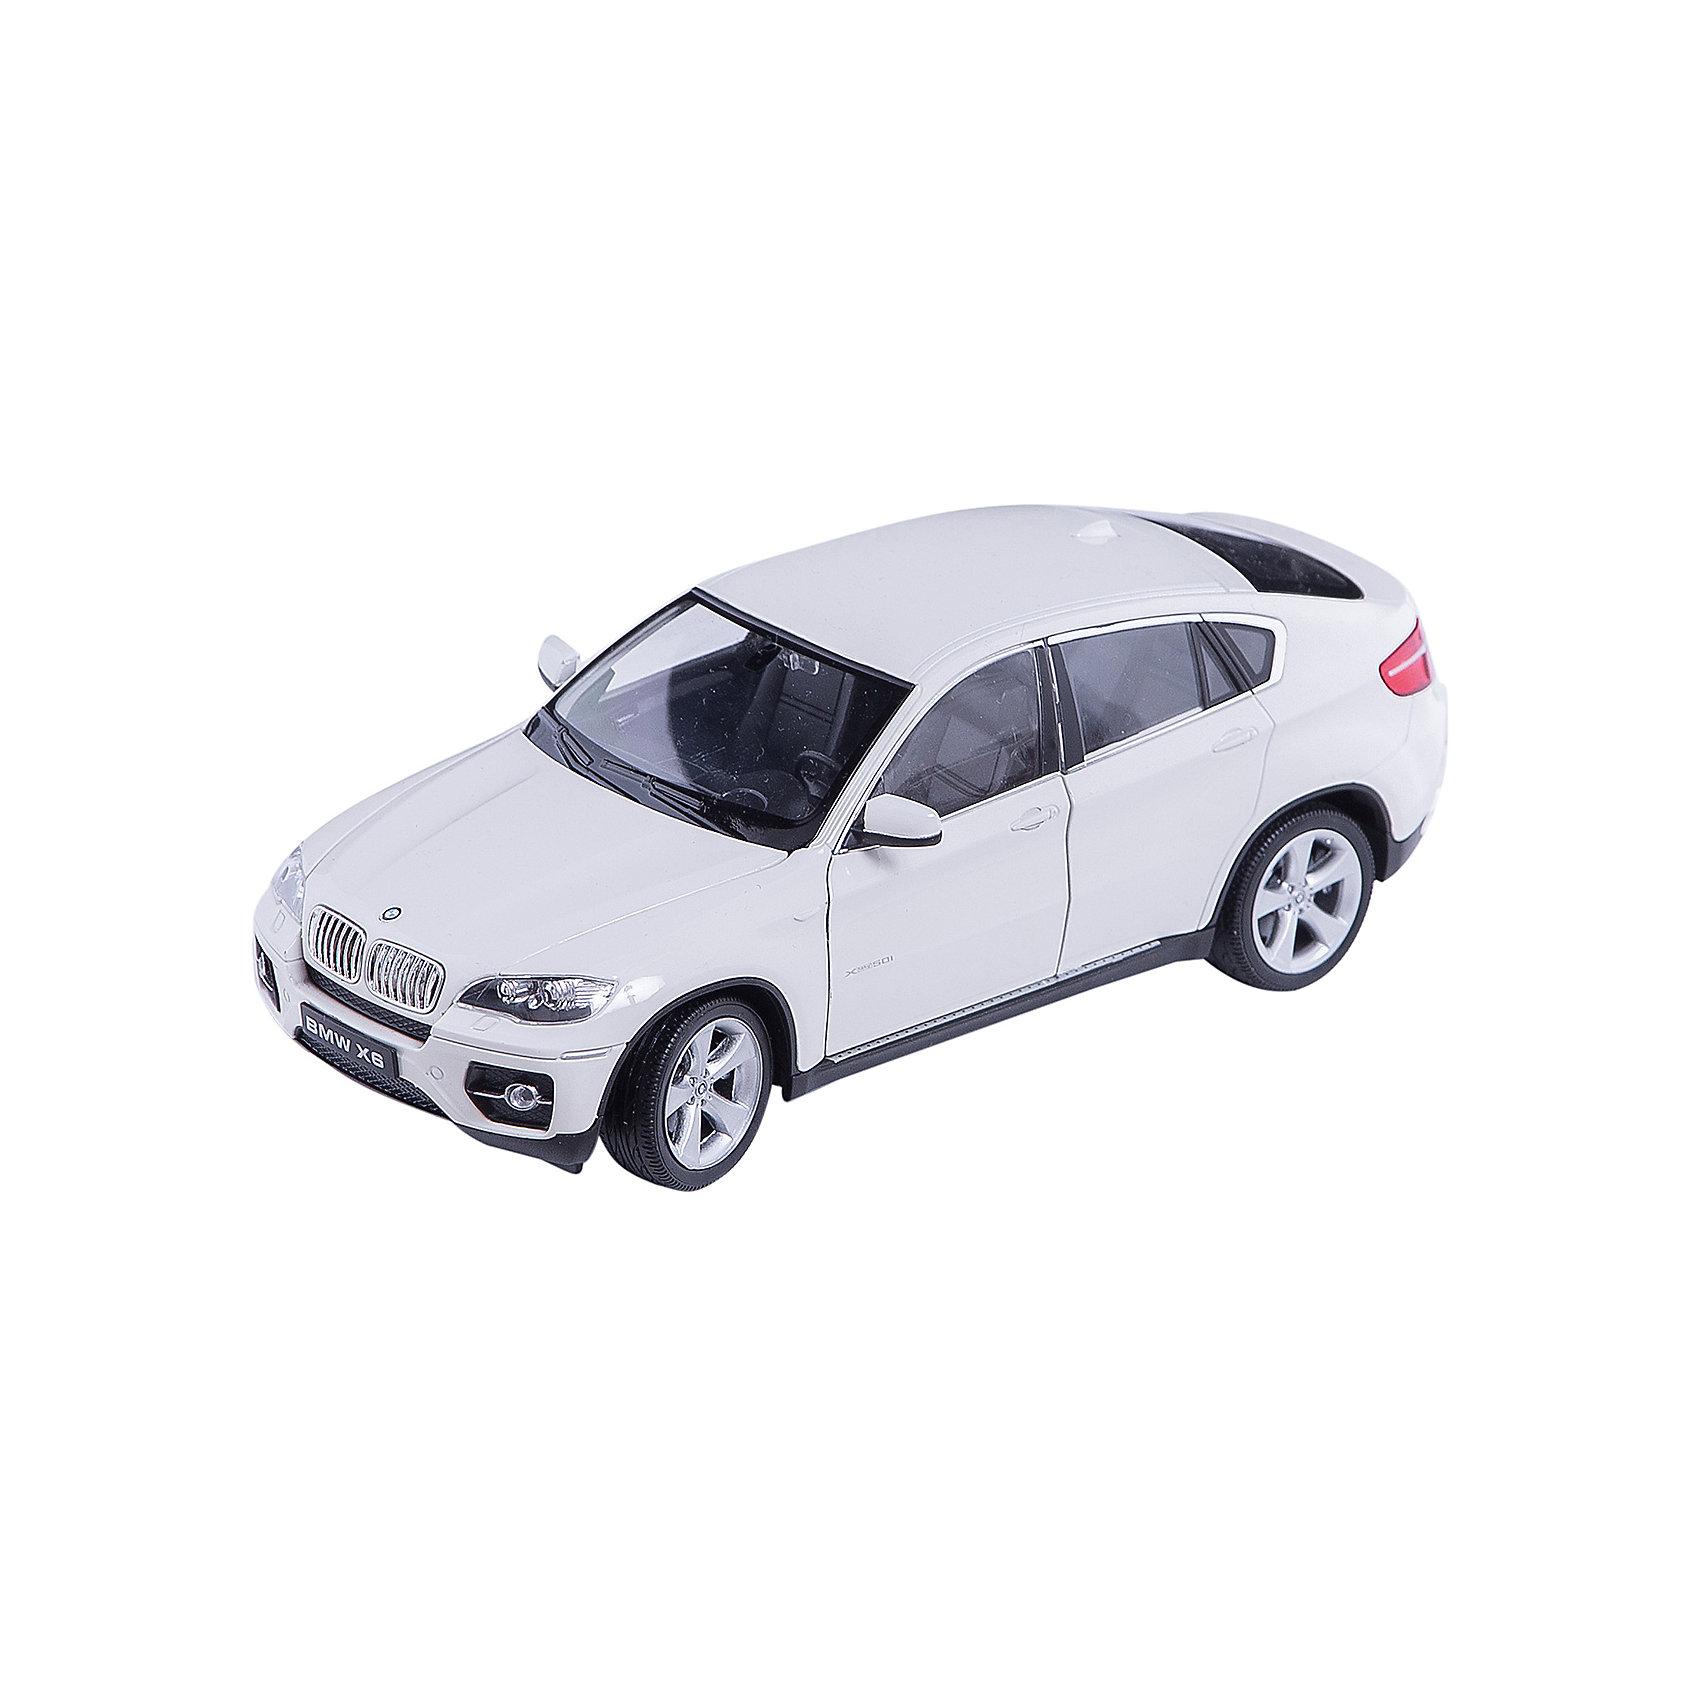 Модель машины 1:24 BMW X6, WellyМодель машины BMW X6 от Welly (Велли) станет замечательным подарком для автолюбителей и коллекционеров всех возрастов. В коллекции масштабных моделей Welly представлено все многообразие автотехники: ретро-автомобили, легковые автомобили различных марок, грузовики, автомобили городских служб и многое другое. Все машинки отличаются высокой степенью детализации и тщательной проработкой всех элементов.<br><br>Машинка BMW X6 красного цвета представляет собой точную копию настоящего внедорожника в масштабе 1:24. Впервые серийная версия BMW X6 была представлена в 2008 году на автосалоне в Детройте и отличается необычным дизайном кузова, сочетающем в себе внедорожник и купе. Модель от Welly оснащена прочными стеклами и зеркалами заднего вида, интерьер салона, двигатель и органы управления тщательно проработаны. Двери и капот открываются, колеса вращаются. Корпус машинки выполнен из металла, а отделка салона и декоративные элементы из пластика.<br><br>Дополнительная информация:<br><br>- Материал: металл, пластик, колеса прорезиненные.<br>- Масштаб: 1:24.<br>- Размер модели: 8 х 18 х 5 см.<br>- Размер упаковки: 11 х 23 х 10 см.<br>- Вес: 0,54 кг. <br><br>Модель машины BMW X6, Welly можно купить в нашем интернет-магазине.<br><br>Ширина мм: 230<br>Глубина мм: 110<br>Высота мм: 110<br>Вес г: 544<br>Возраст от месяцев: 36<br>Возраст до месяцев: 192<br>Пол: Мужской<br>Возраст: Детский<br>SKU: 3777890